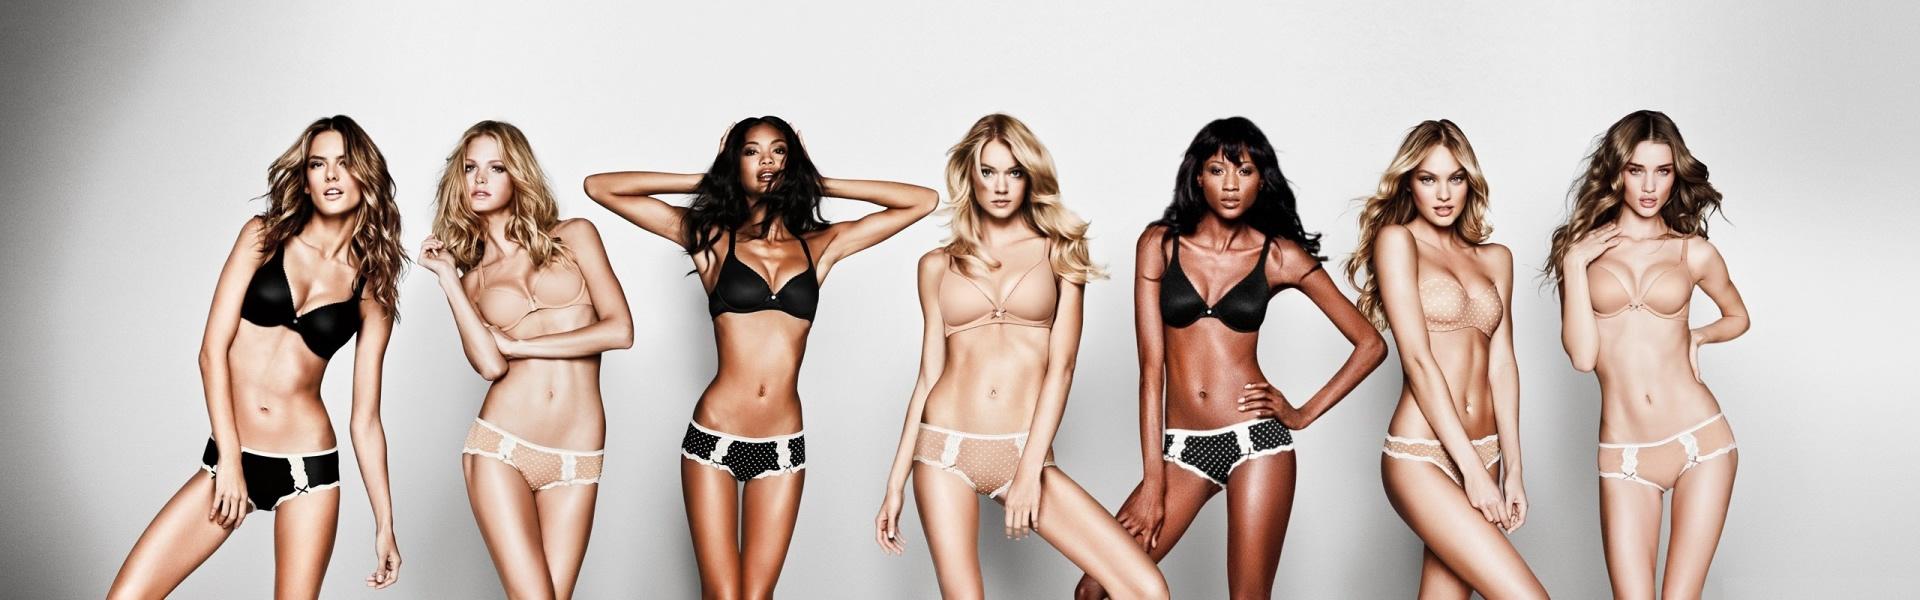 Foto di Modelle